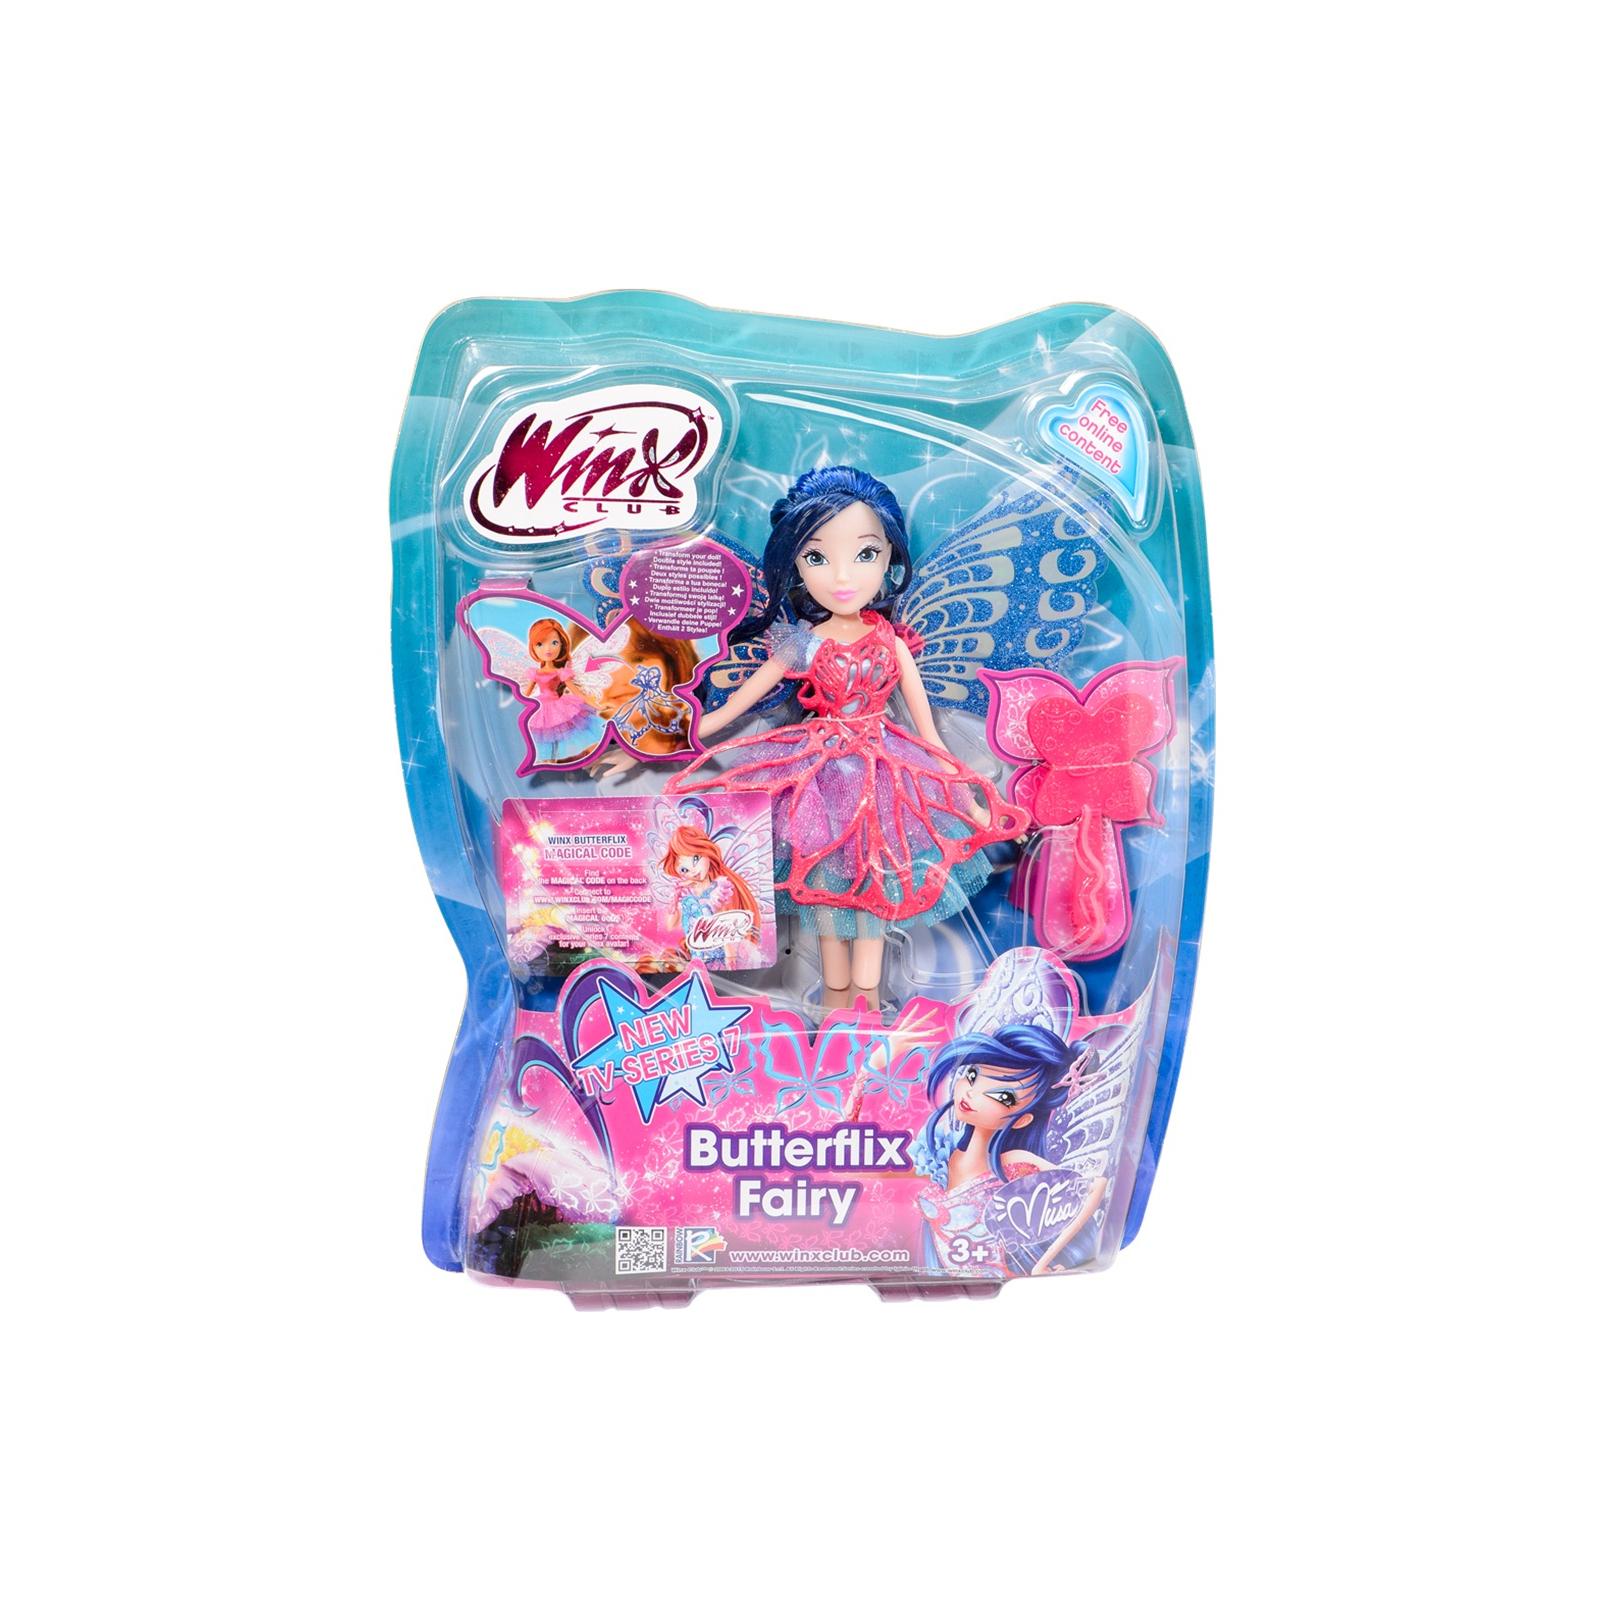 Кукла WinX Butterflix Муза 27 см (IW01131404)